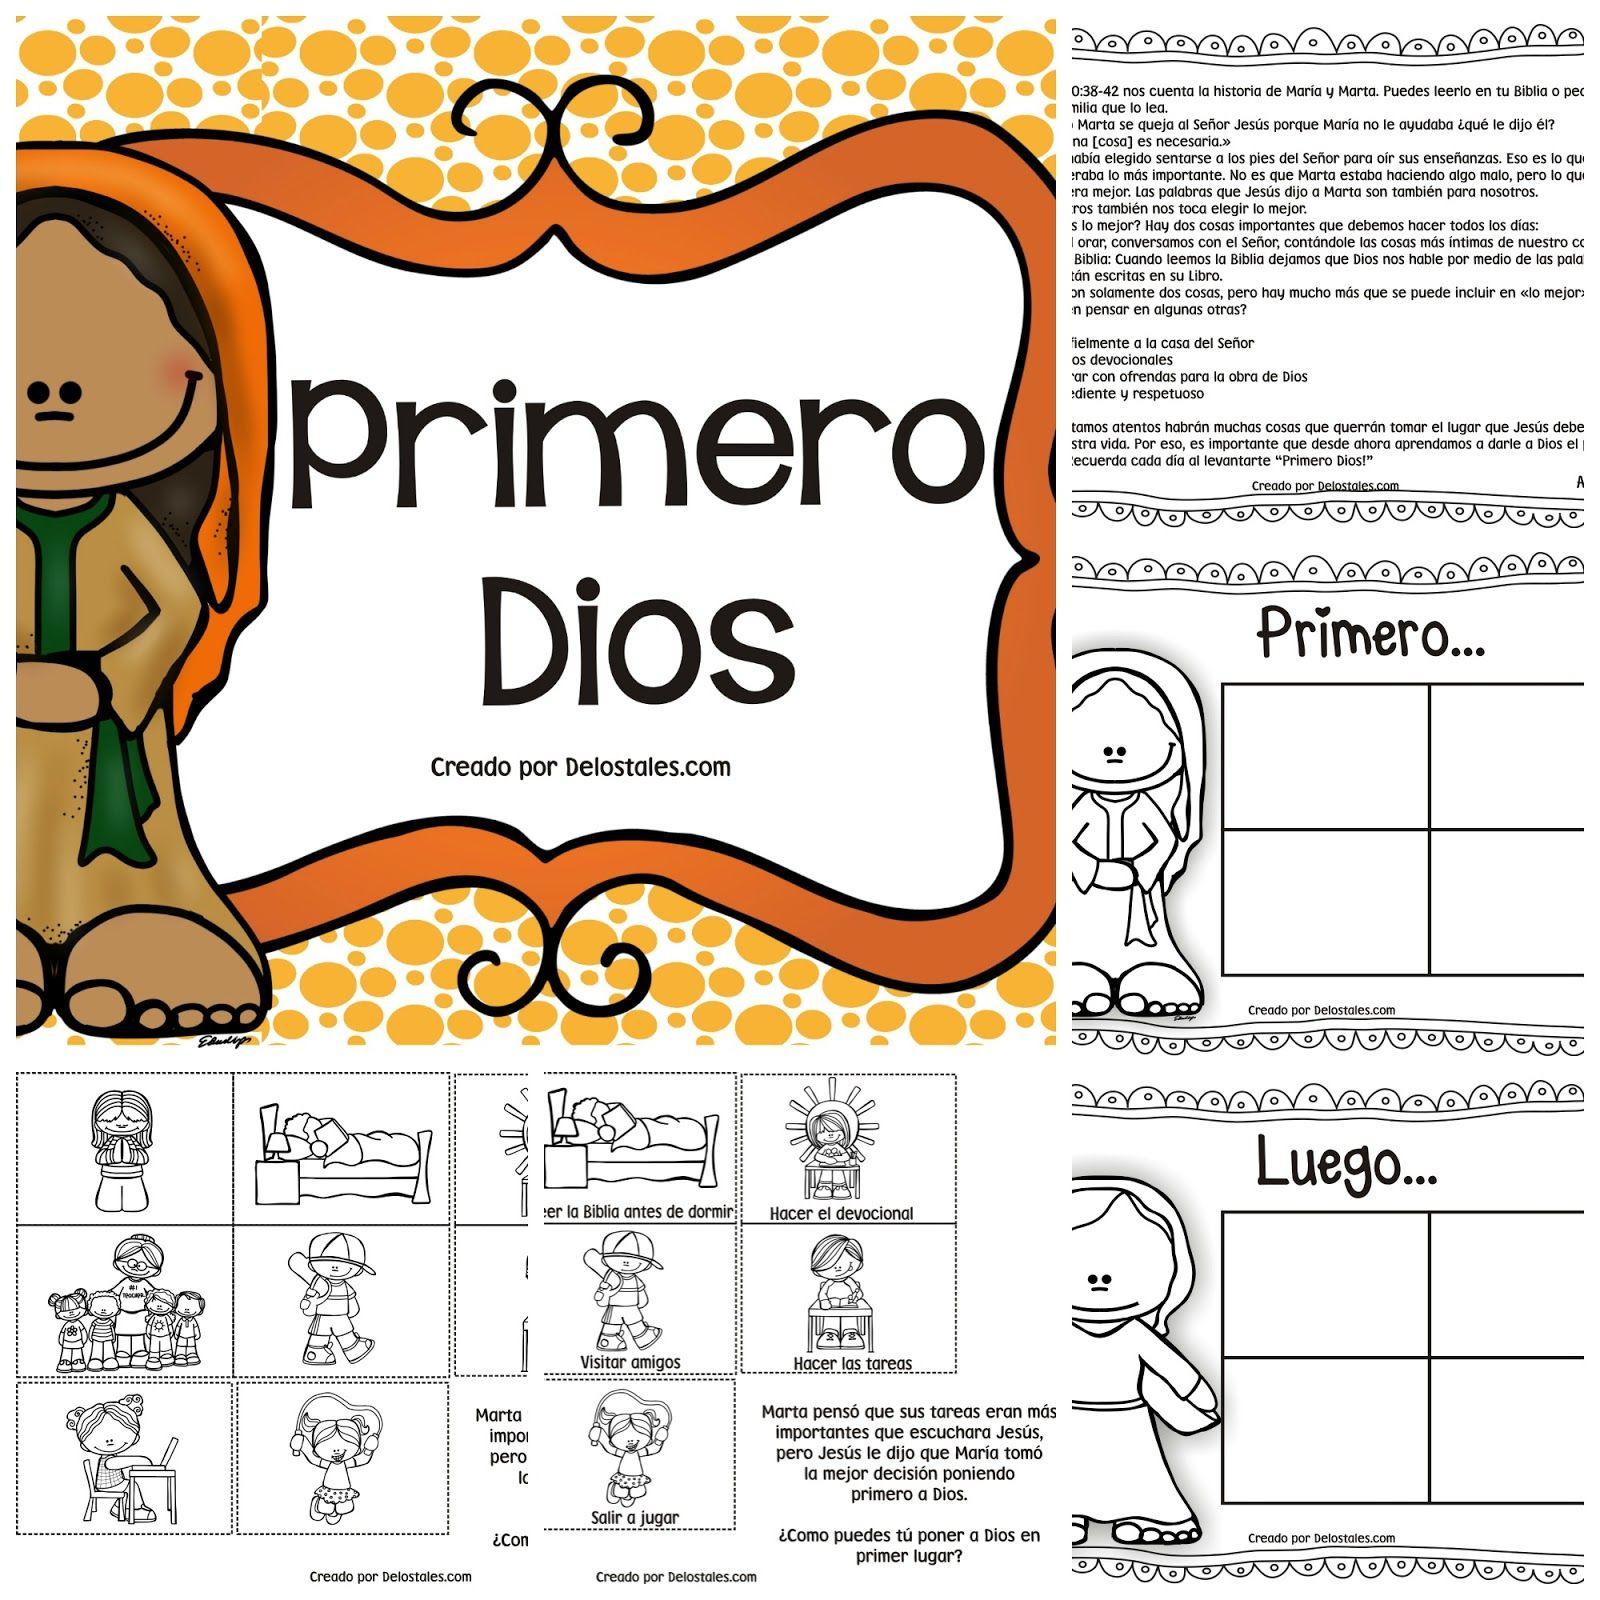 Semana 10 Primero Dios En 2020 Lecciones Biblicas Para Ninos